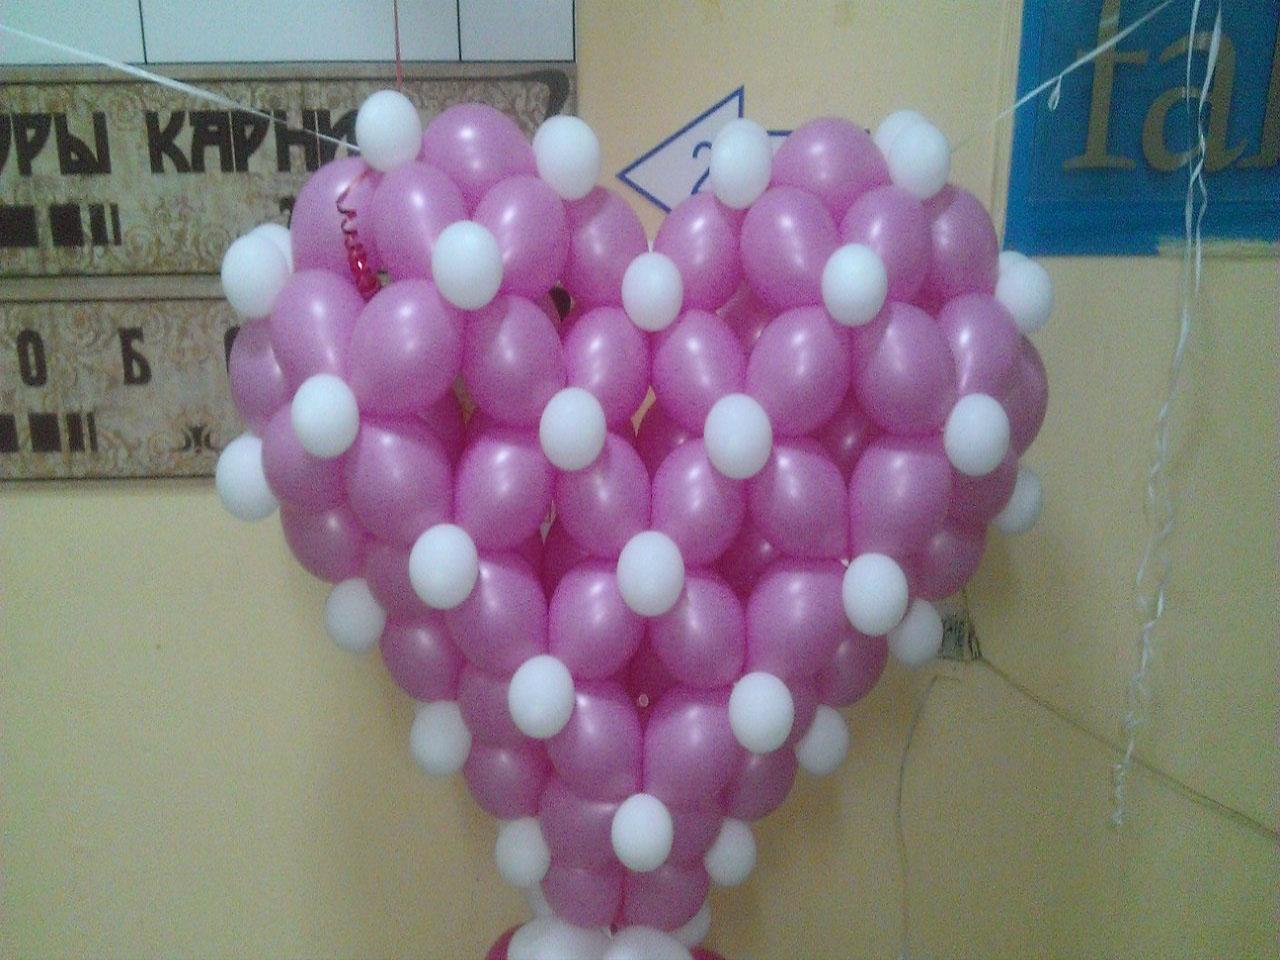 Купить композицию из воздушных шаров в Нижнем Новгороде